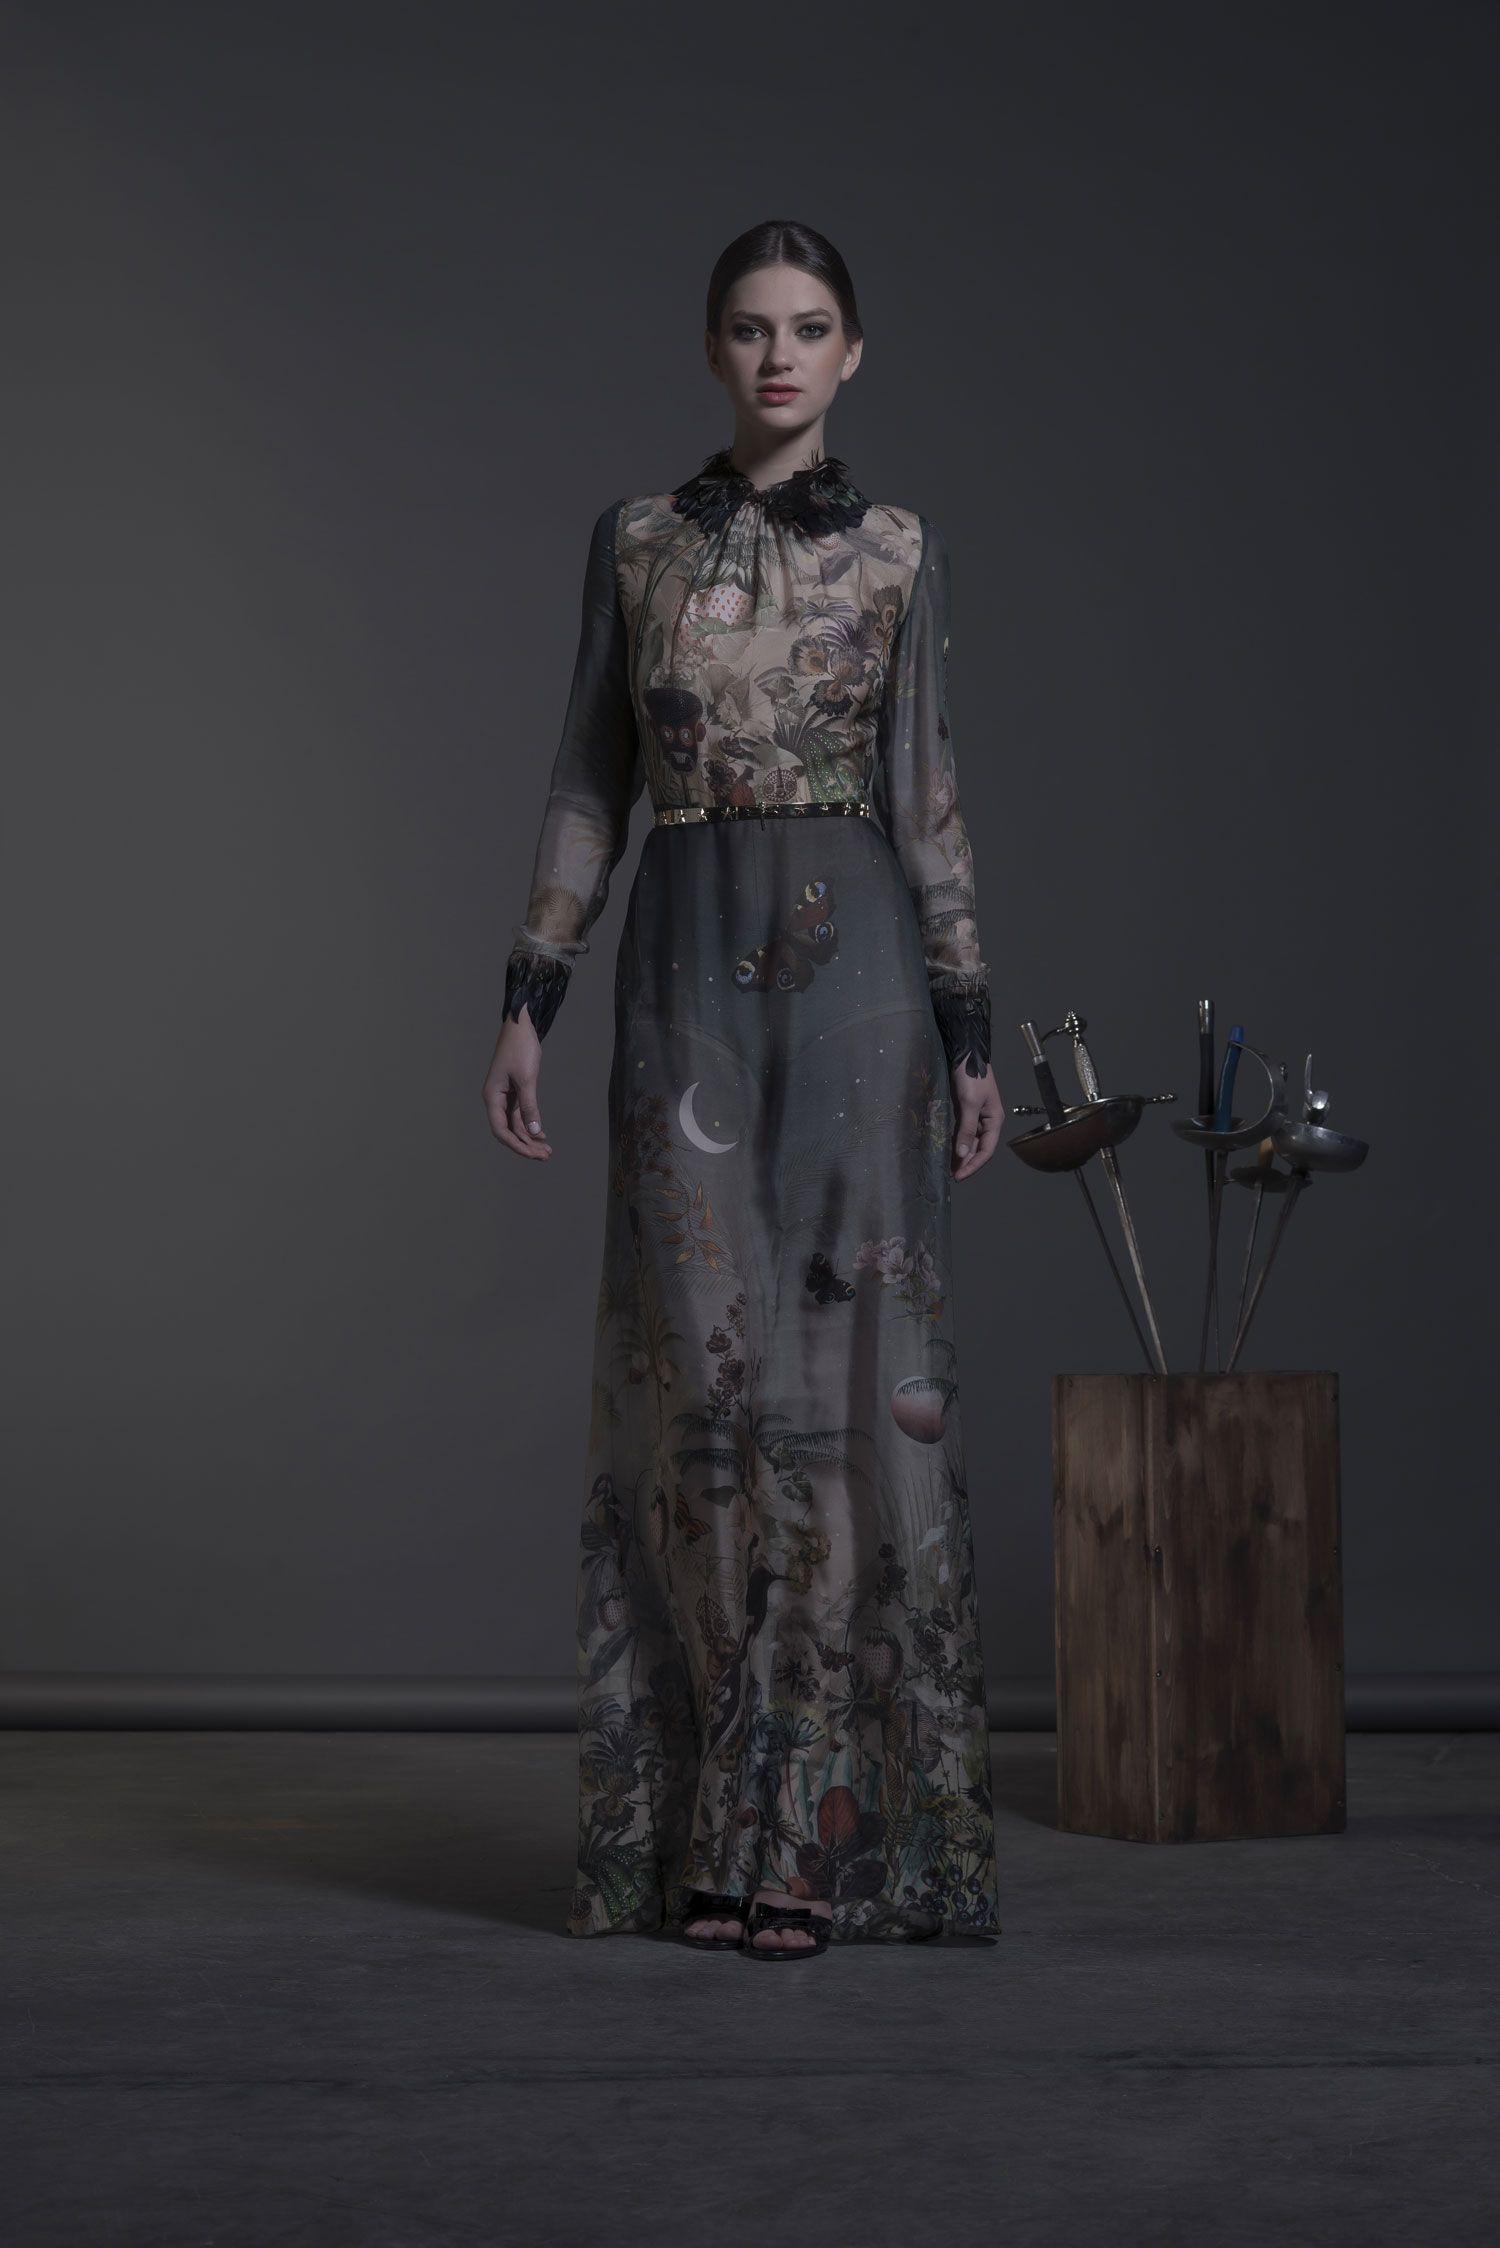 ab3ca4c3a 147-SORAGNA - Colección Otoño Invierno 2016 17.  vestidos  fiesta  moda   fashion  mujer  invitada  invitadaperfecta  madrina  dress  isabel  sanchis    ...